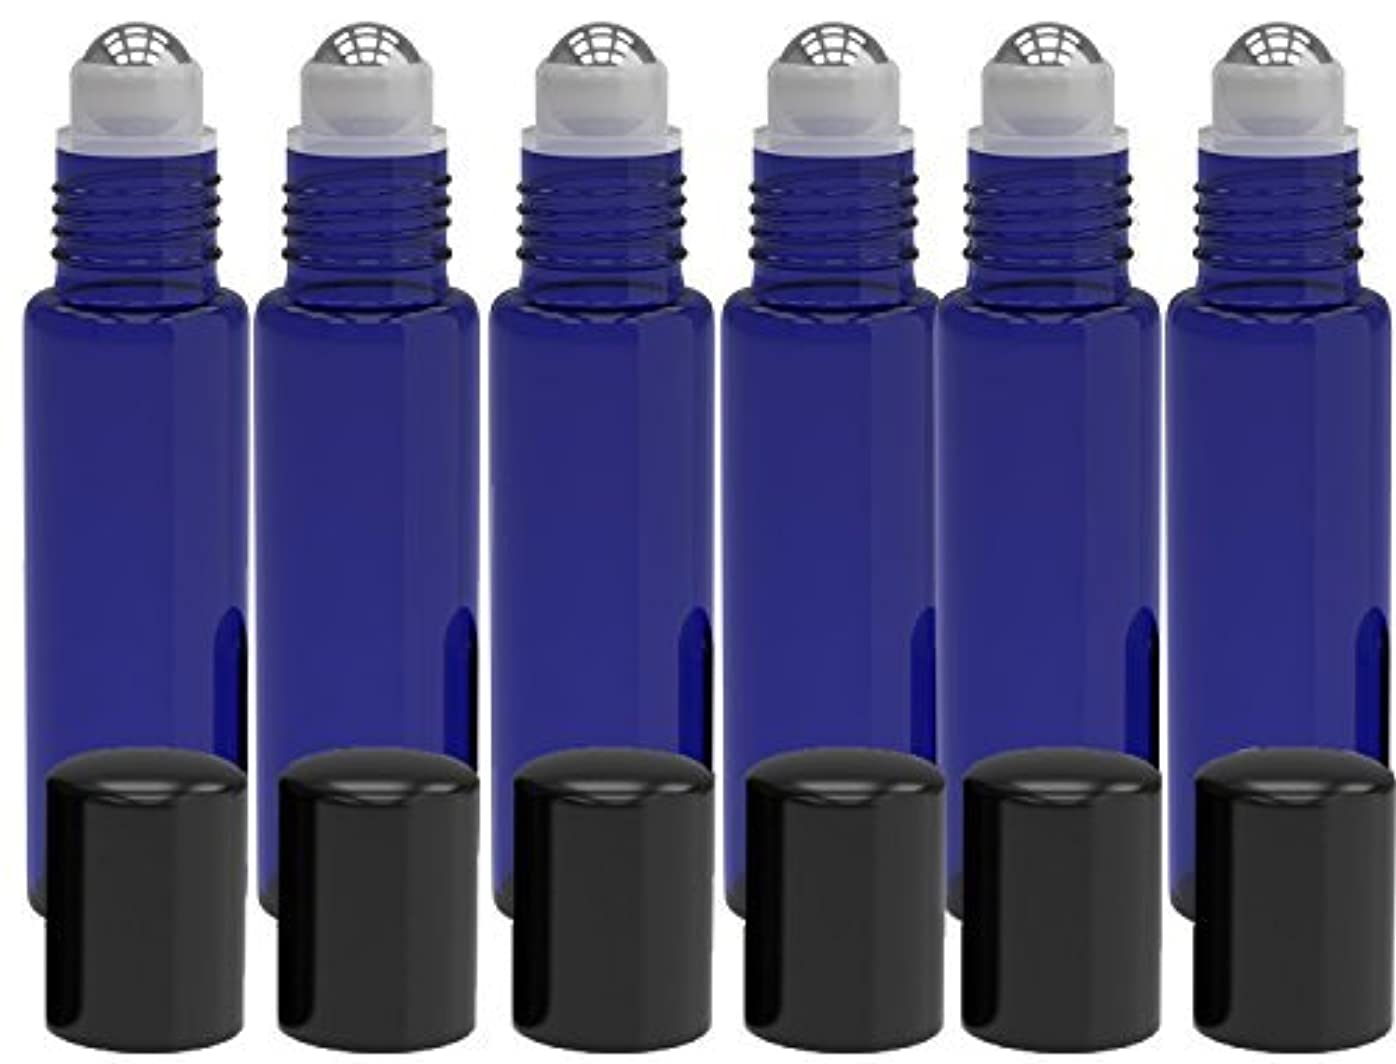 わざわざ繁雑フランクワースリー6 Pack - Empty Roll on Glass Bottles [STAINLESS STEEL ROLLER] 10ml Refillable Color Roll On for Fragrance Essential...